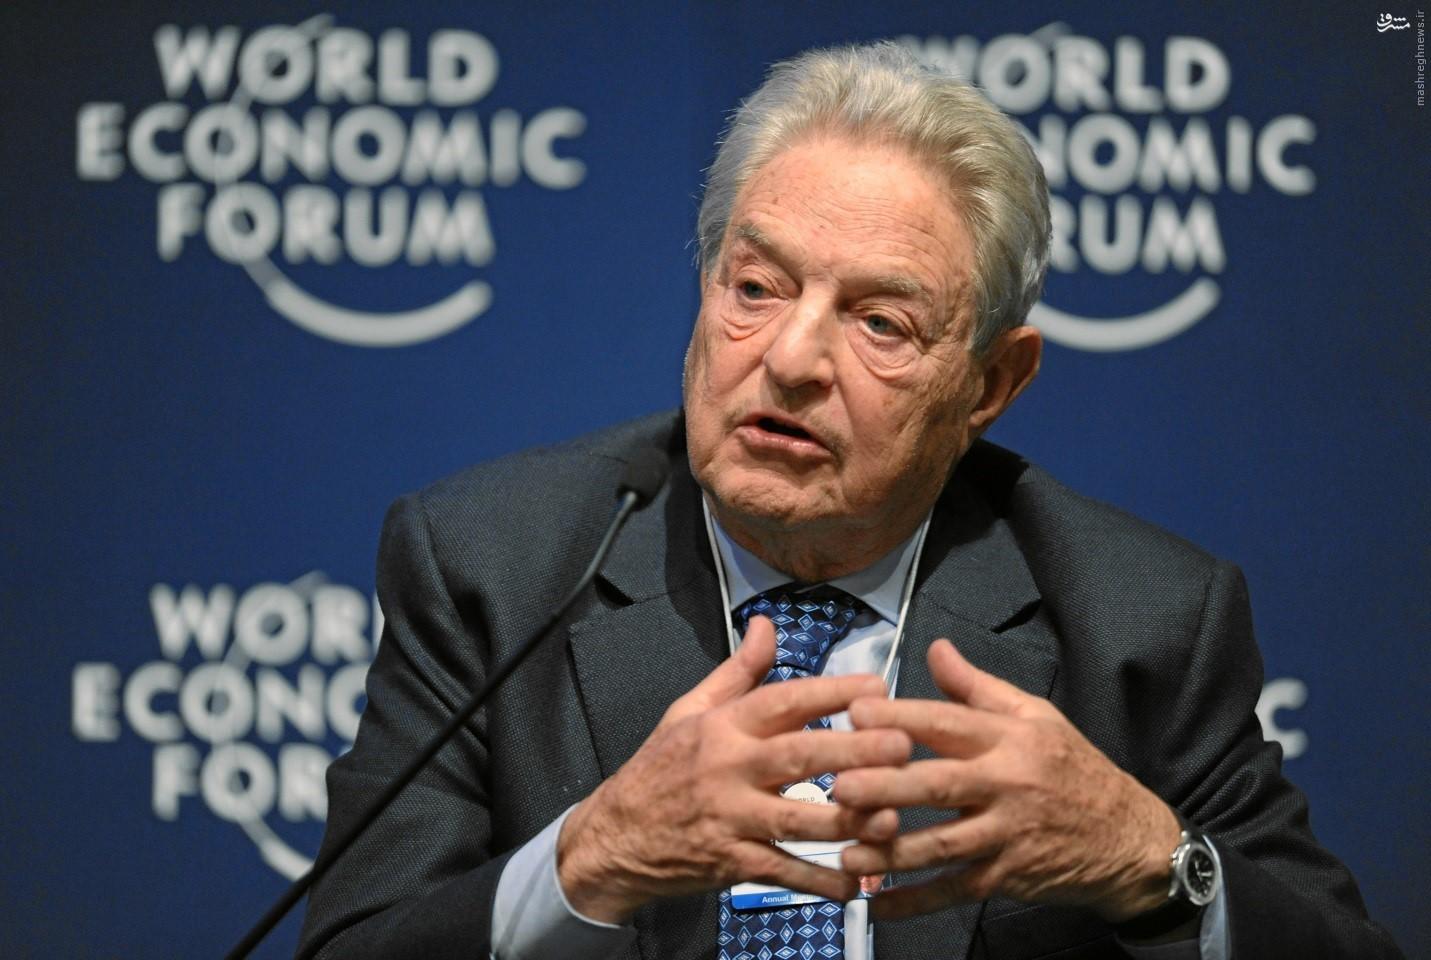 بانکداری یهودی چگونه اقتصاد دنیا را مدیریت میکند؟